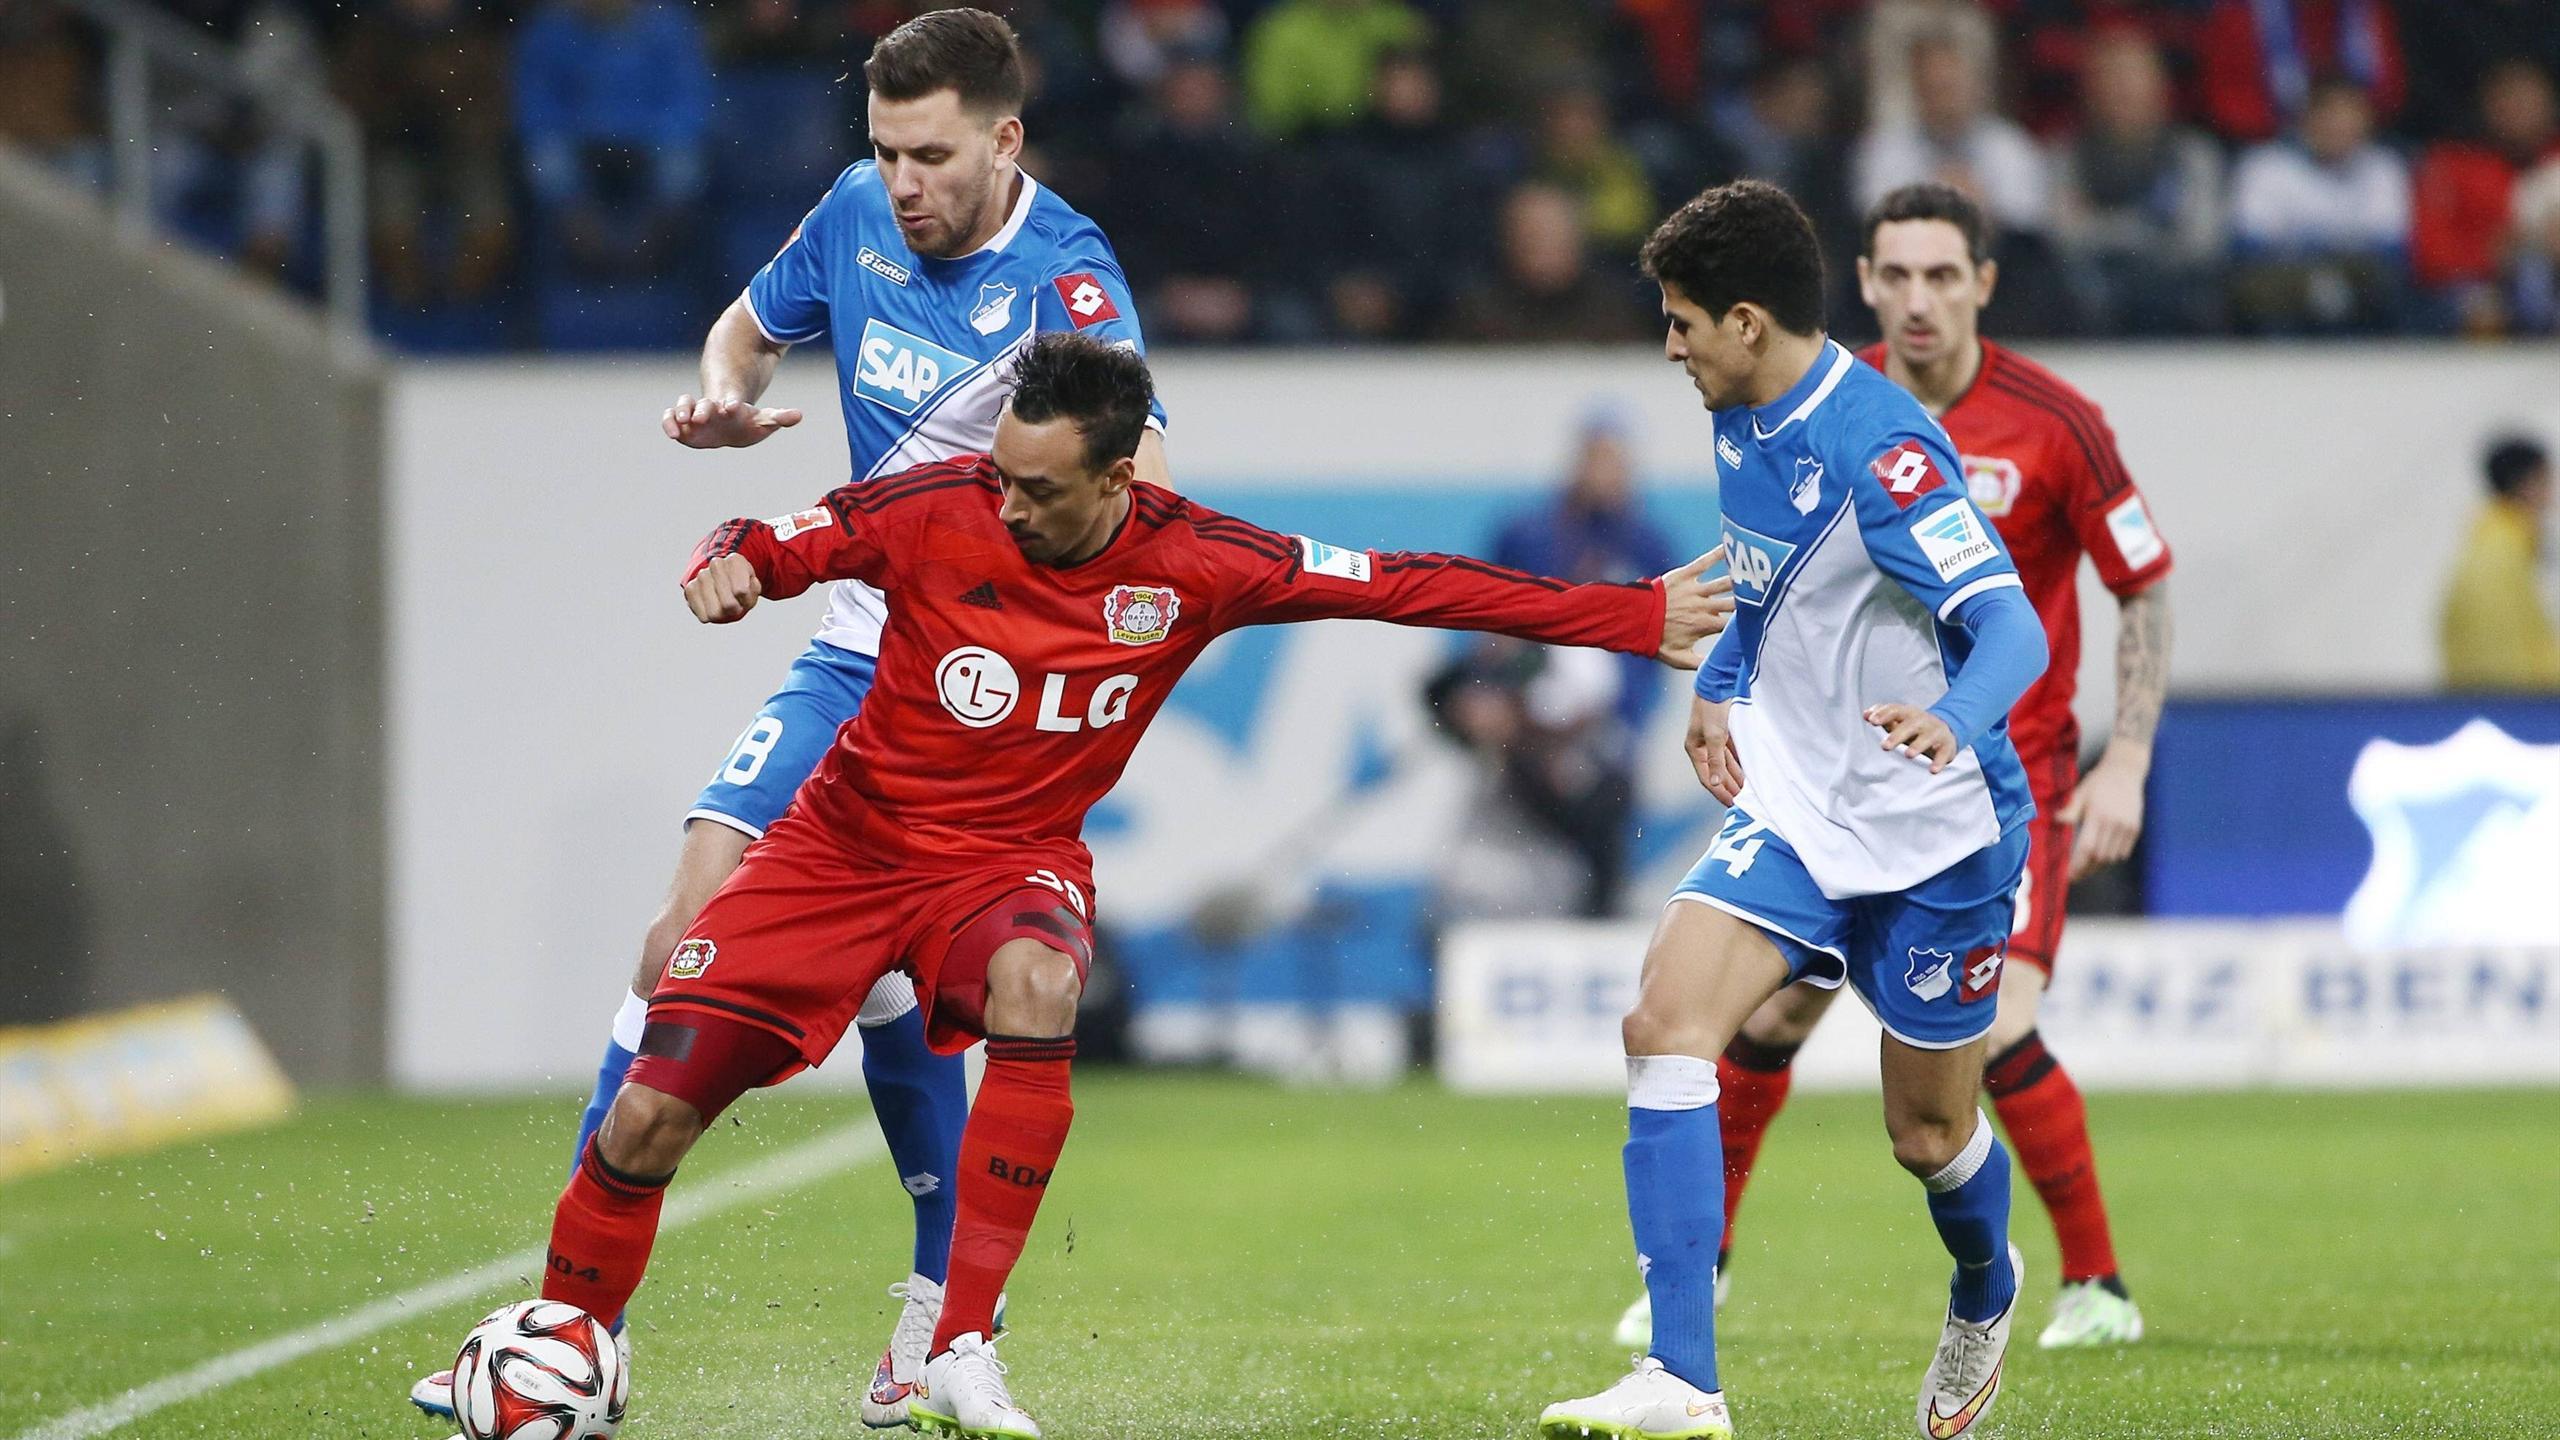 Bayer Leverkusen vs Hoffenheim